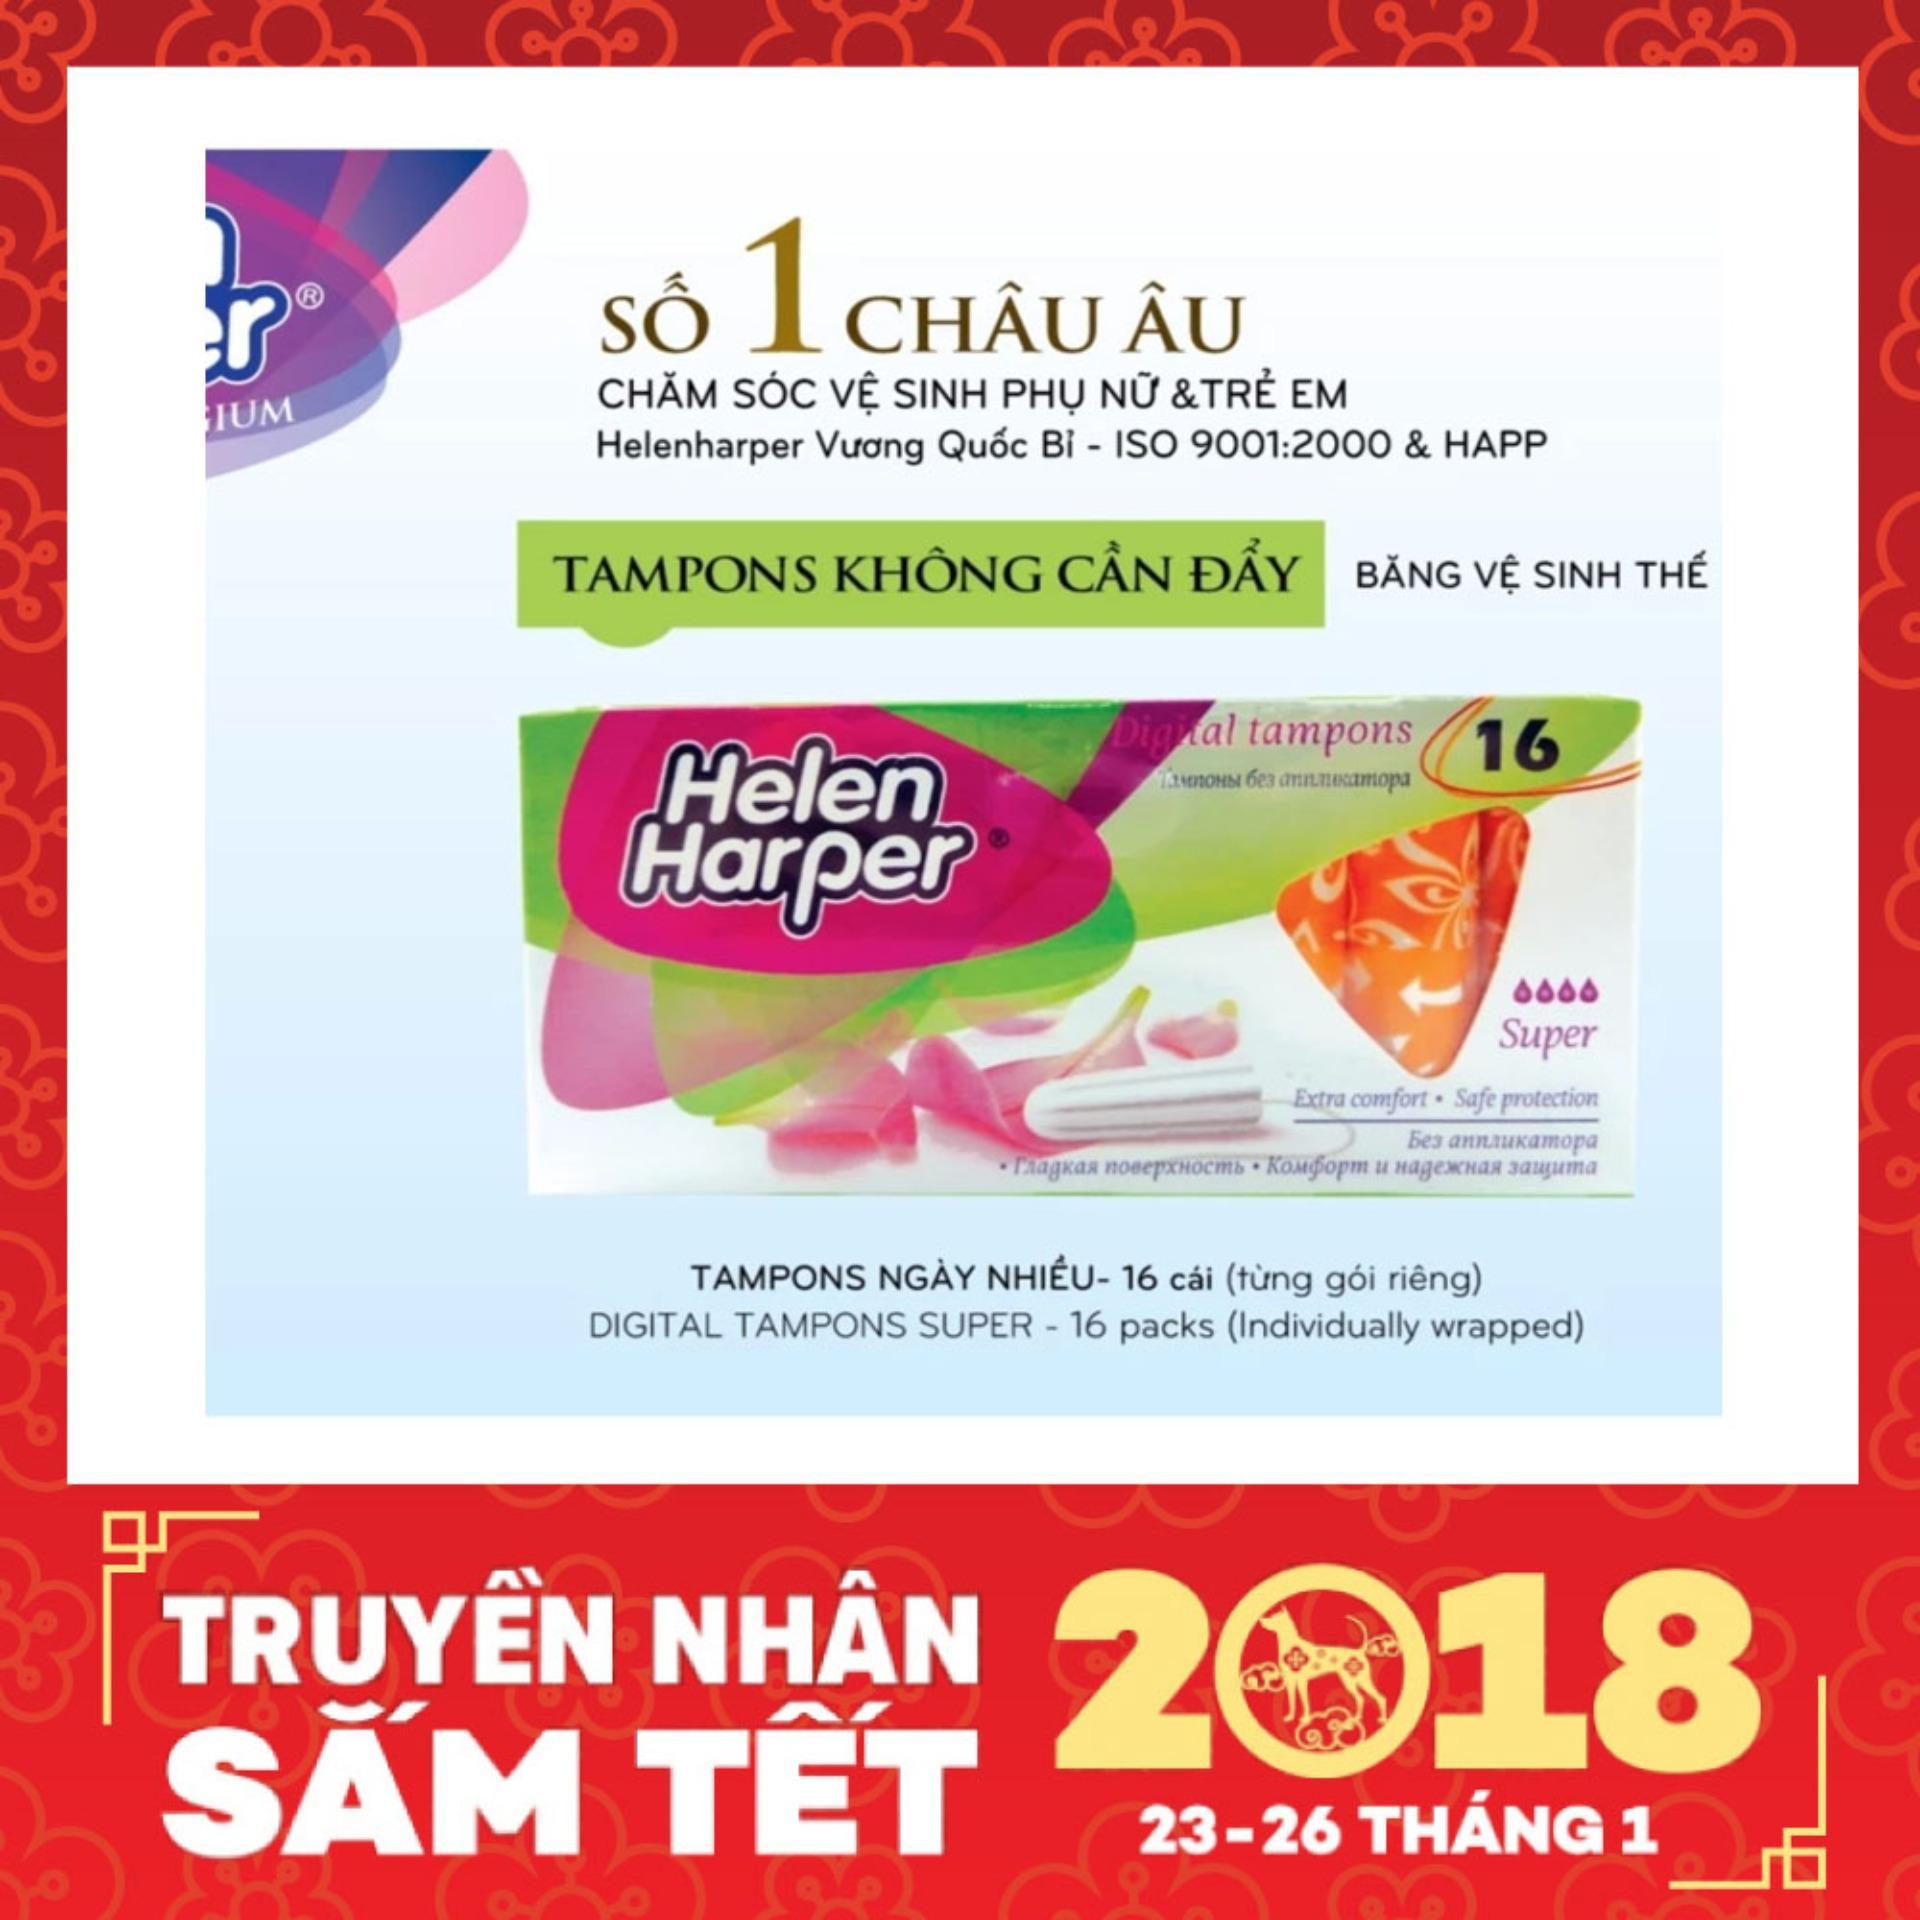 Cách mua Bộ 2 Băng Vệ Sinh Helen Harper TAMPON SUPPER 16 Miếng Dạng Ống Không Cần Đẩy Dùng Bên Trong Nhỏ Gọn – Nhập Khẩu Từ Bỉ